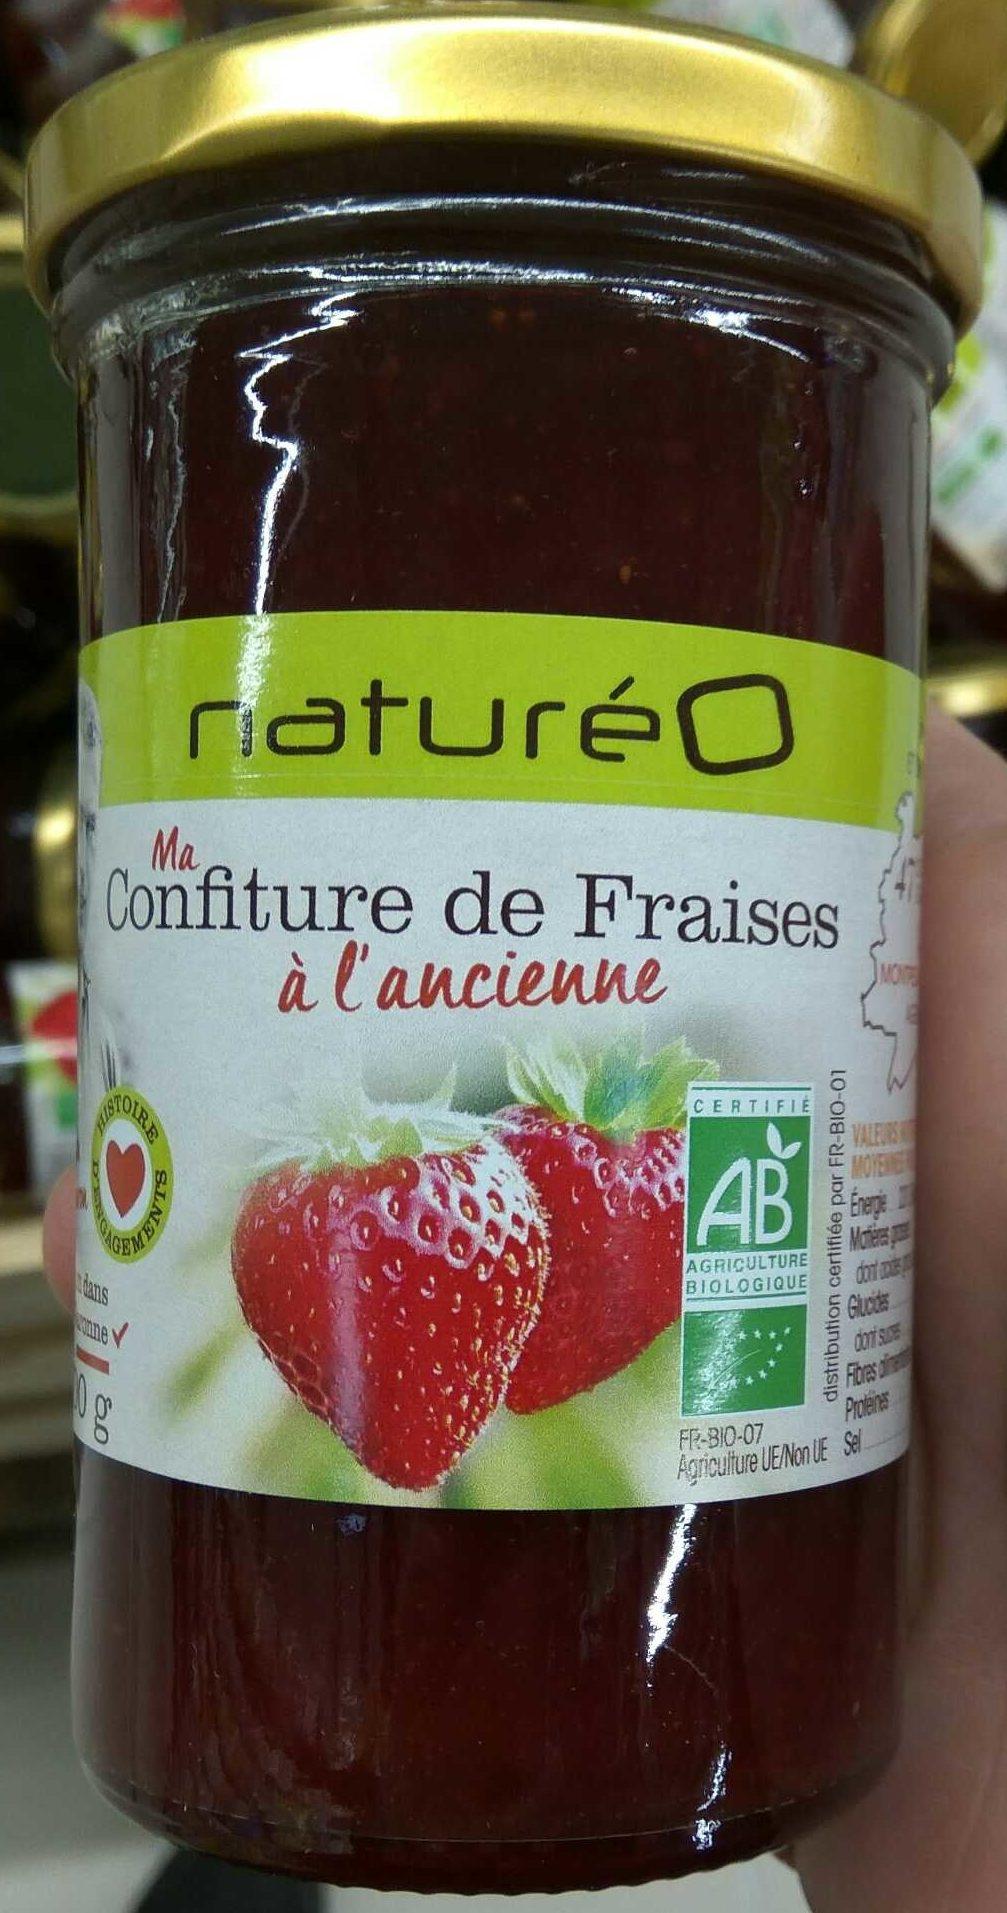 Ma confiture de fraises à l'ancienne - Produit - fr